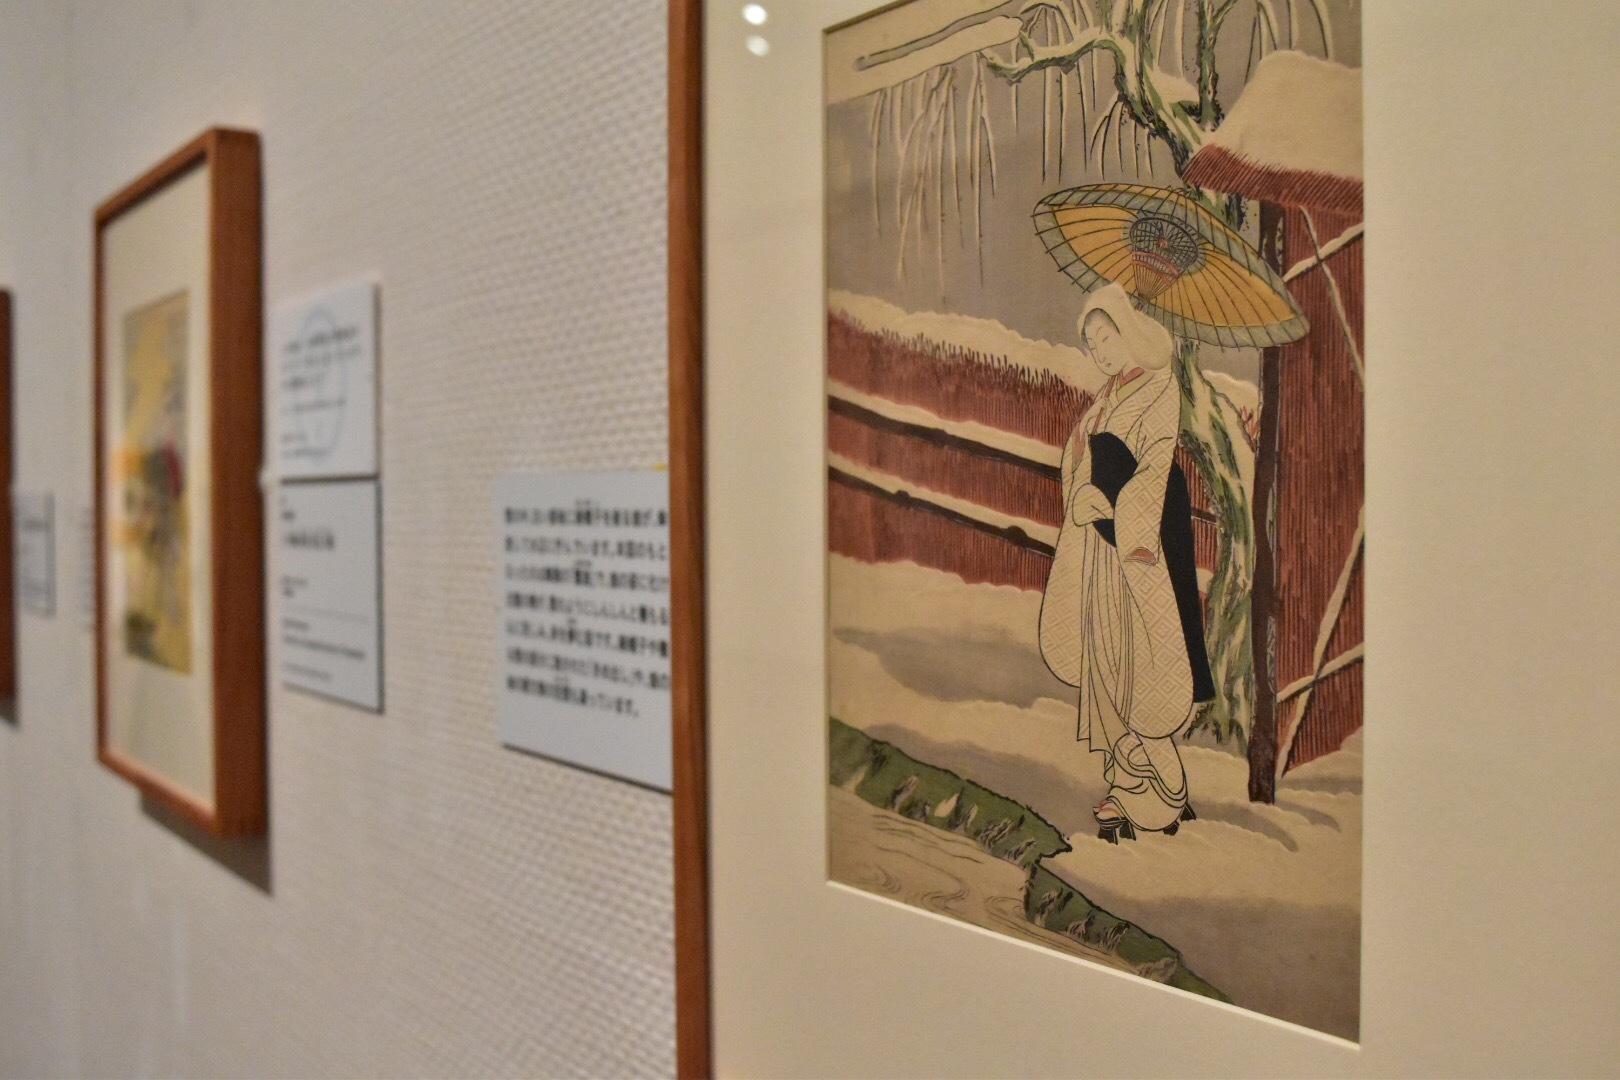 鈴木春信 《鷺娘》 明和3-4年(1766-67)頃 中判錦絵